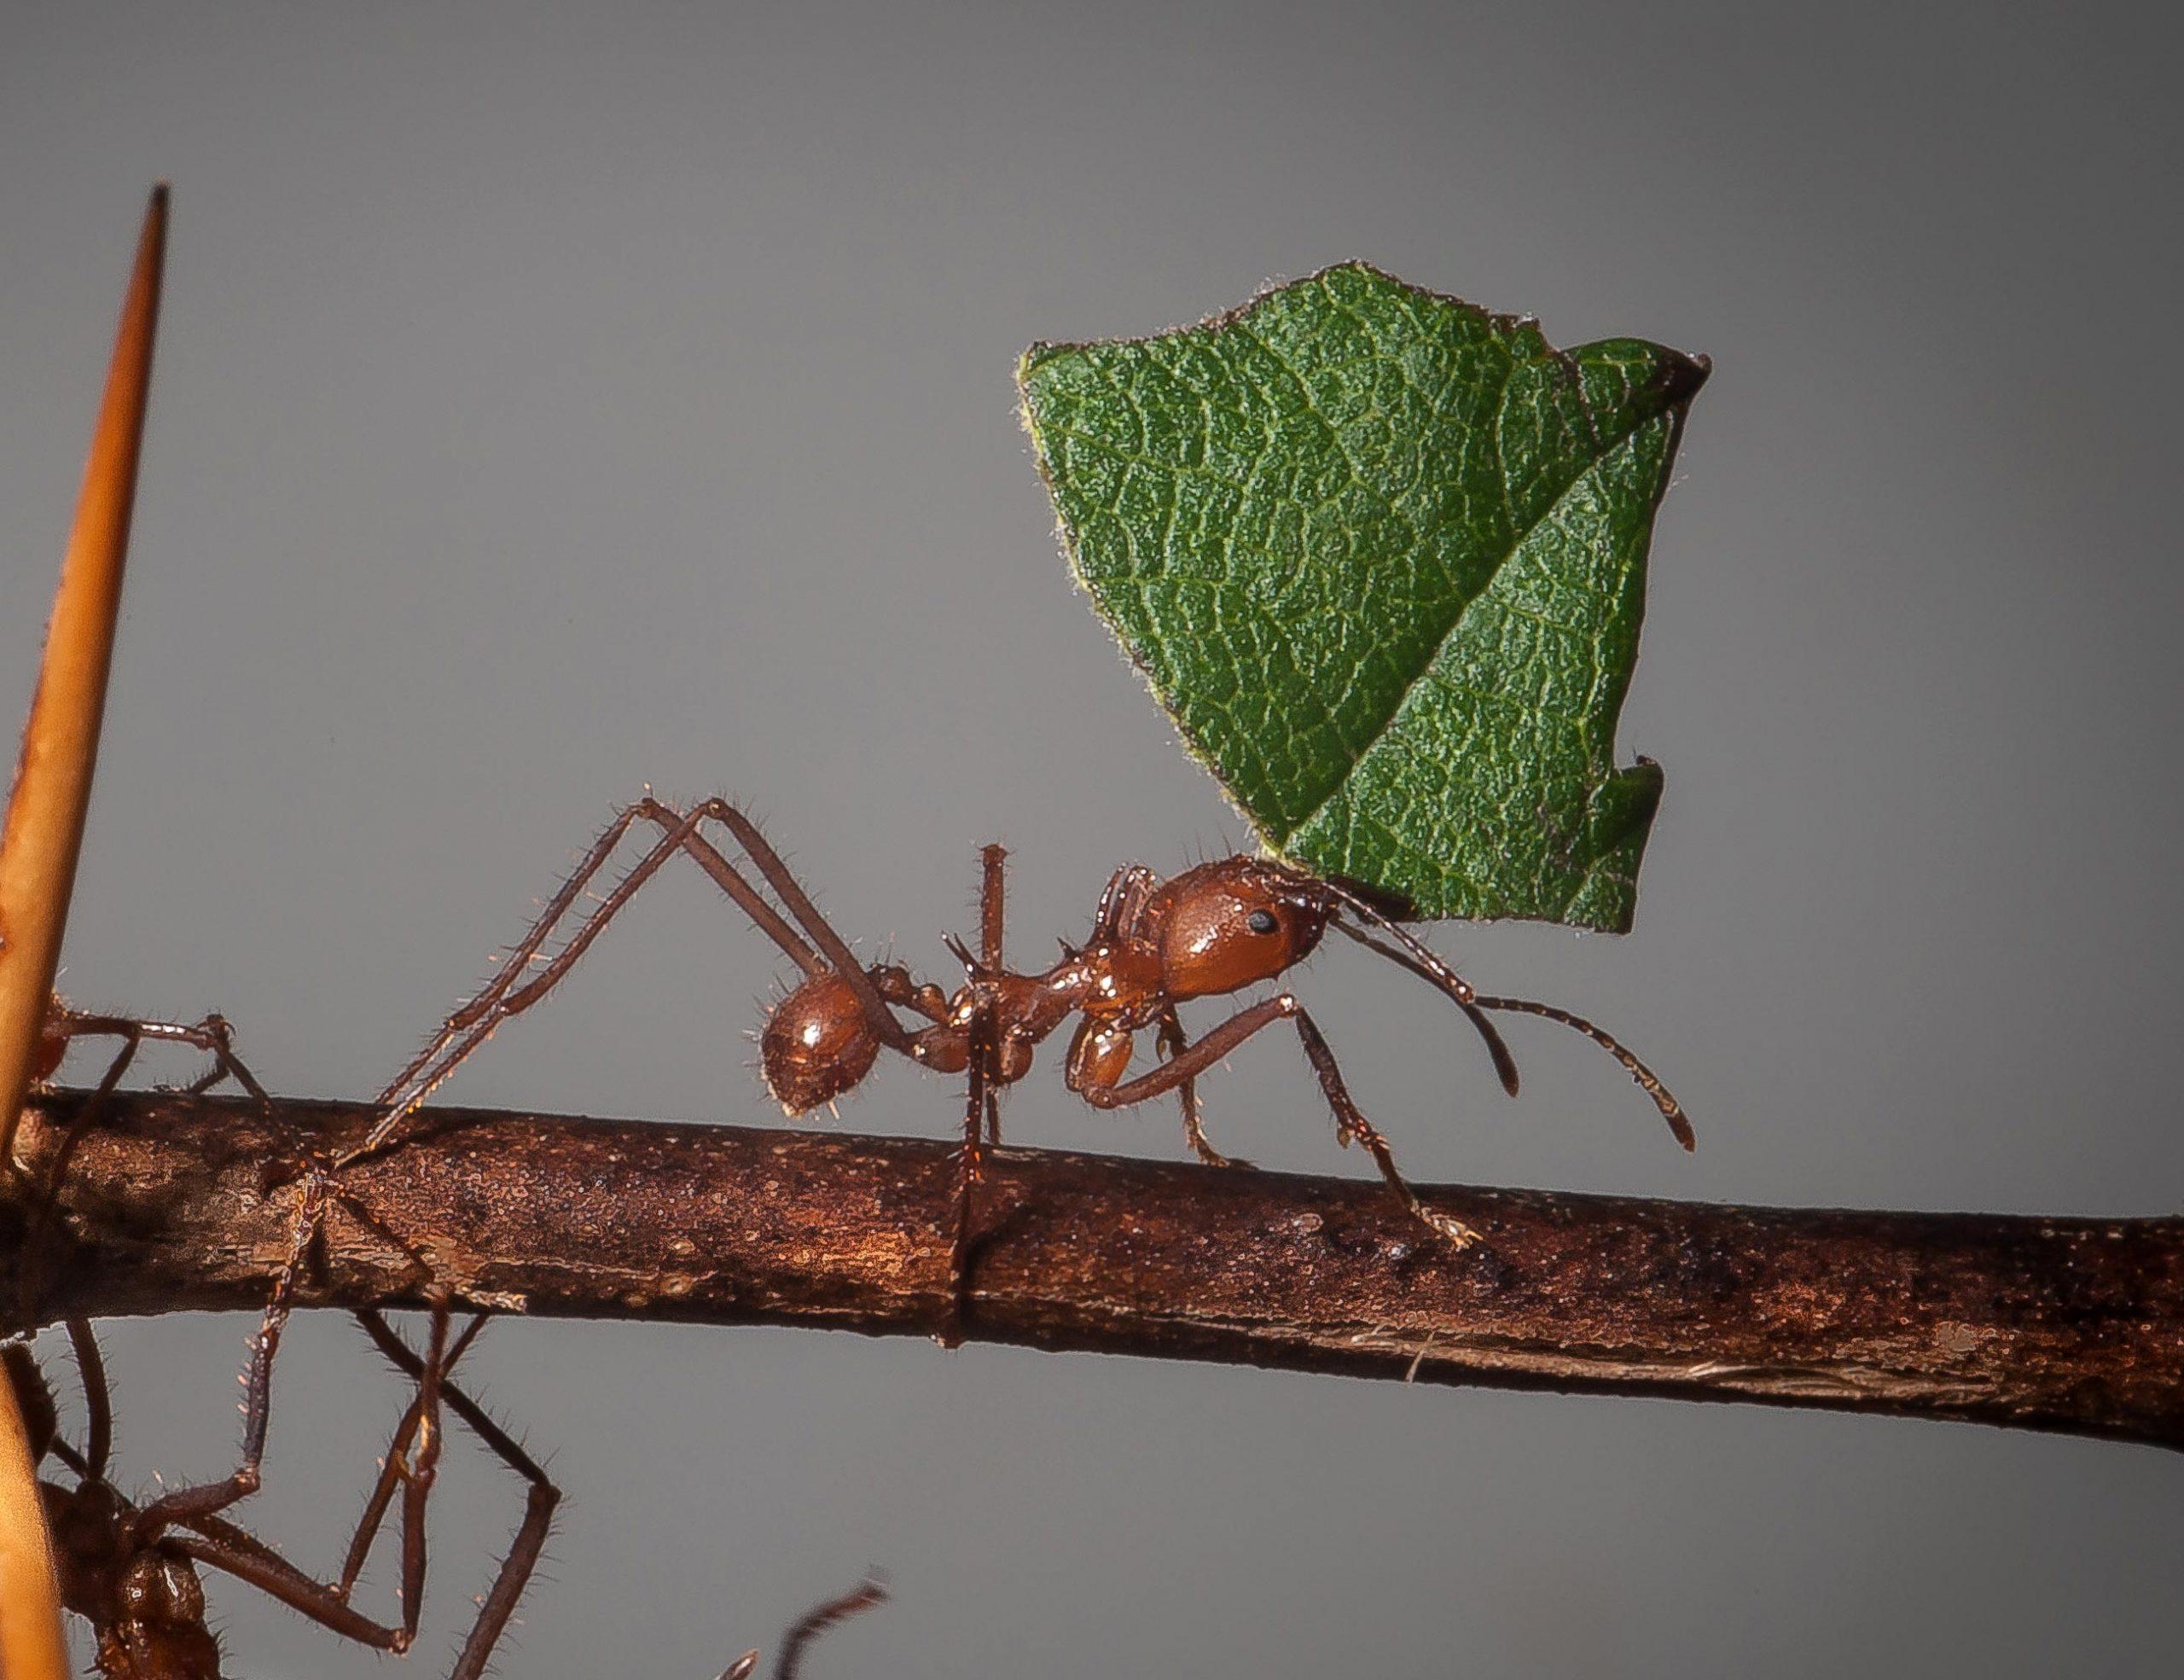 Почему появляются муравьи на участке и еще немного советов по избавлению от них. обсуждение на liveinternet